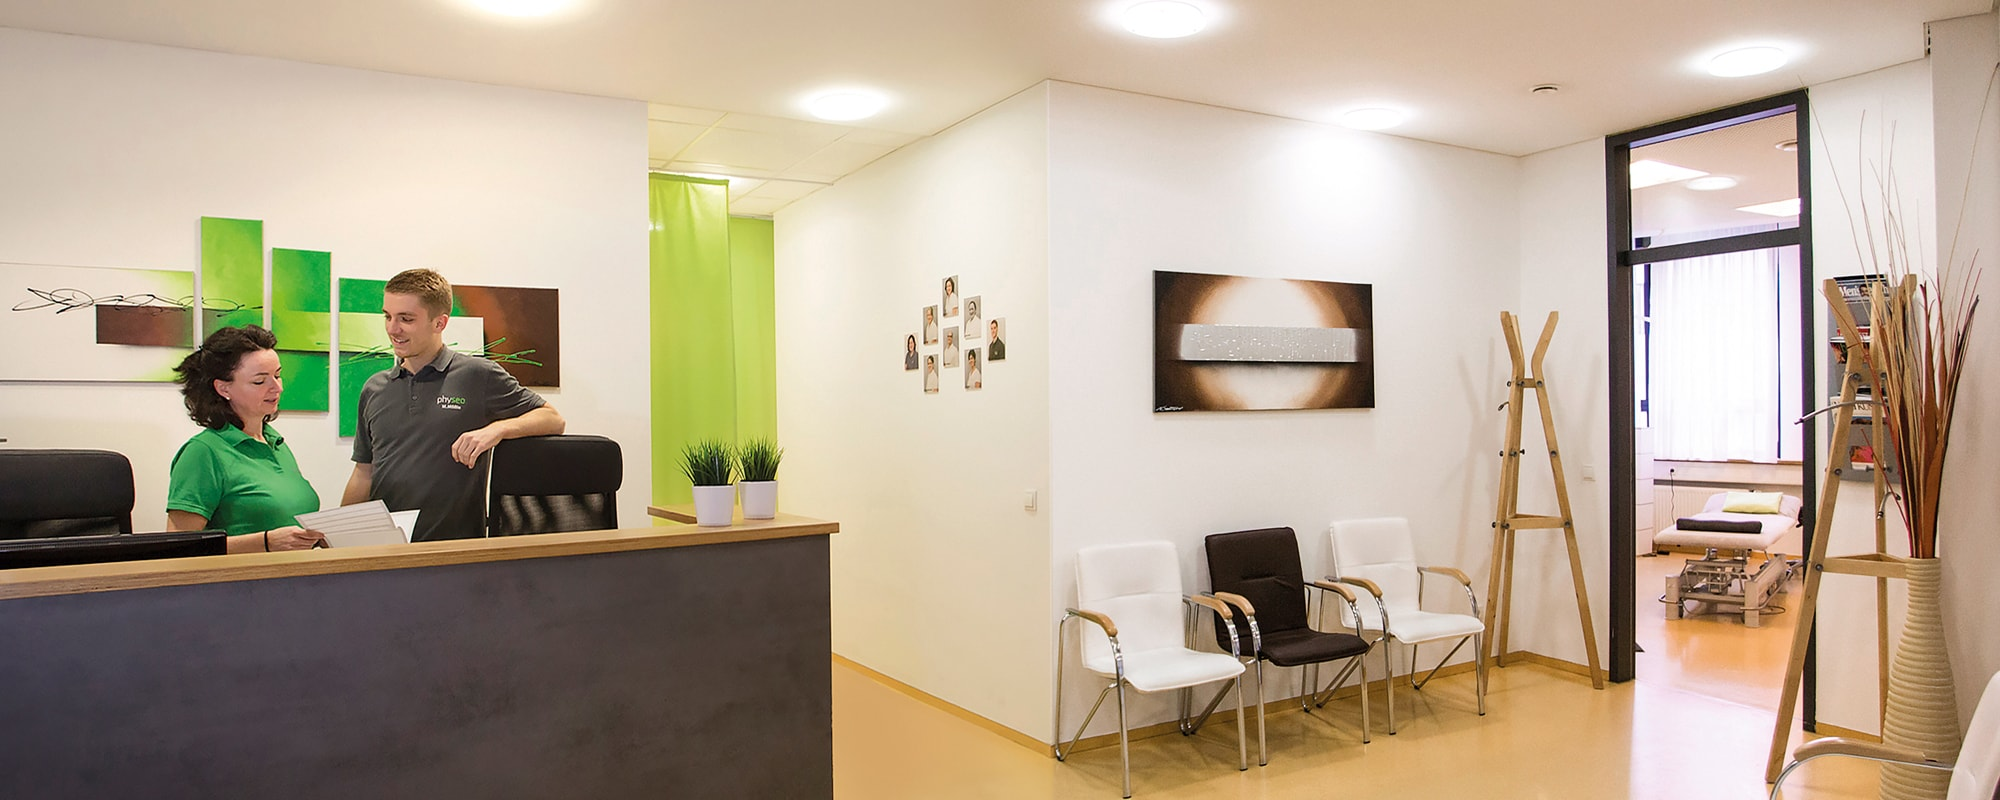 physeo martin grosch krankengymnastik physiotherapie in biberach branchenbuch deutschland. Black Bedroom Furniture Sets. Home Design Ideas